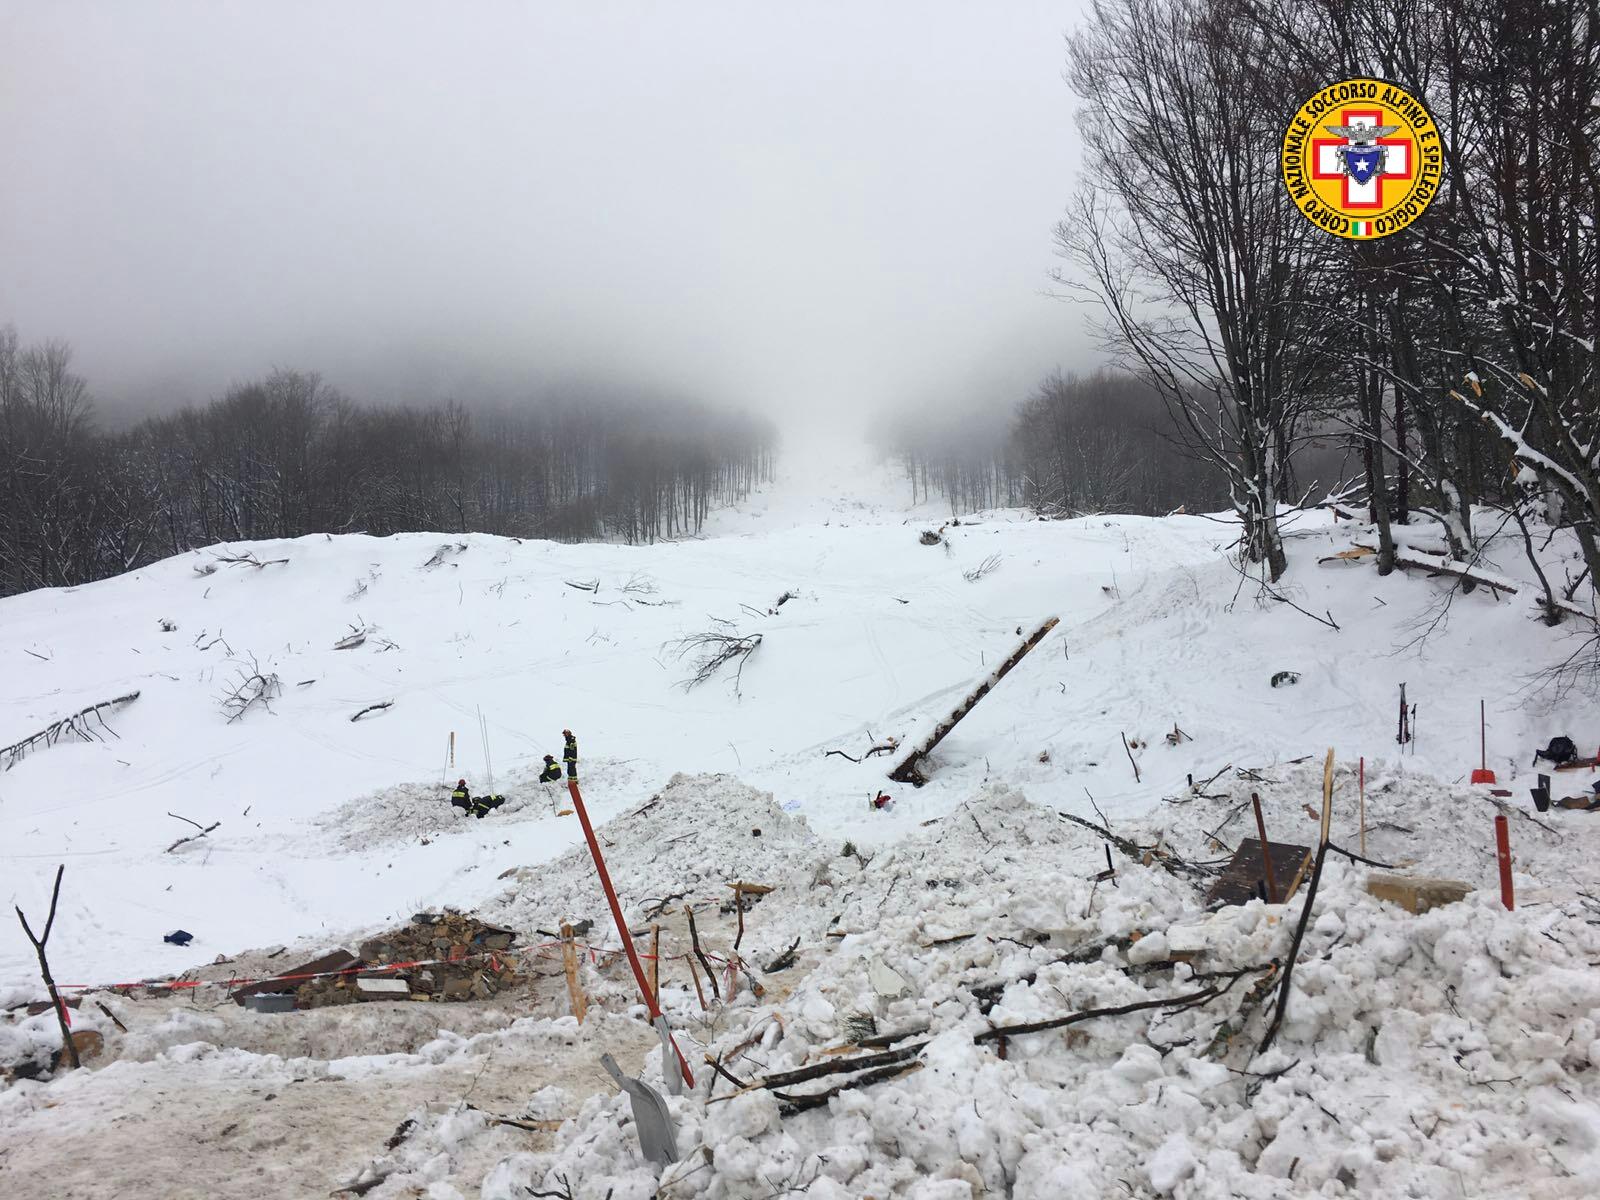 Emergenza neve in Centro Italia: il cuore straordinario dell'Italia che sa aiutare gli altri | Emergency Live 26